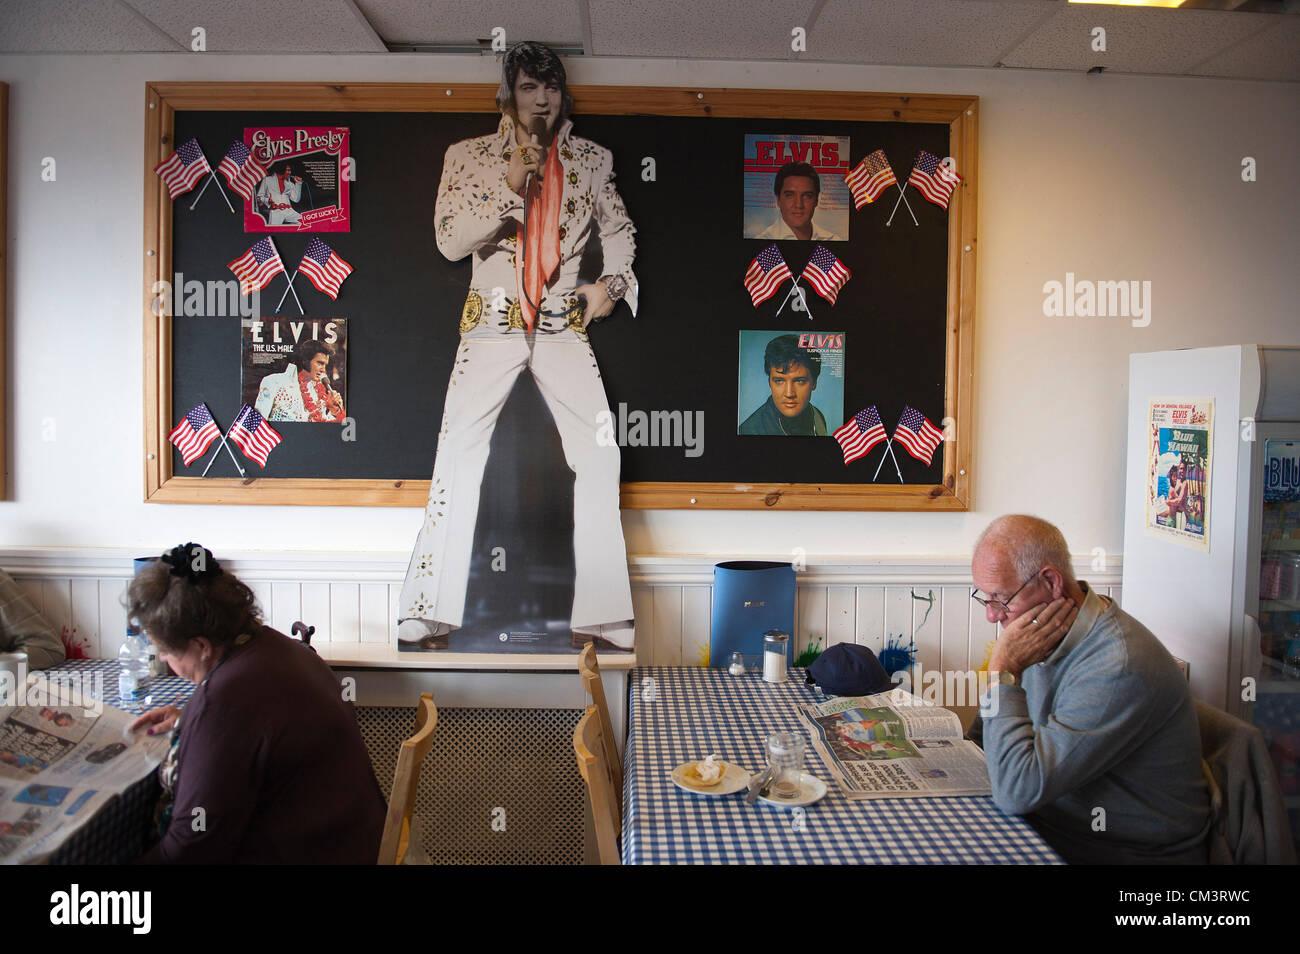 28 septembre 2012. Porthcawl, UK. Les clients au Petit fûté Creations café semblent oublier le festival Photo Stock